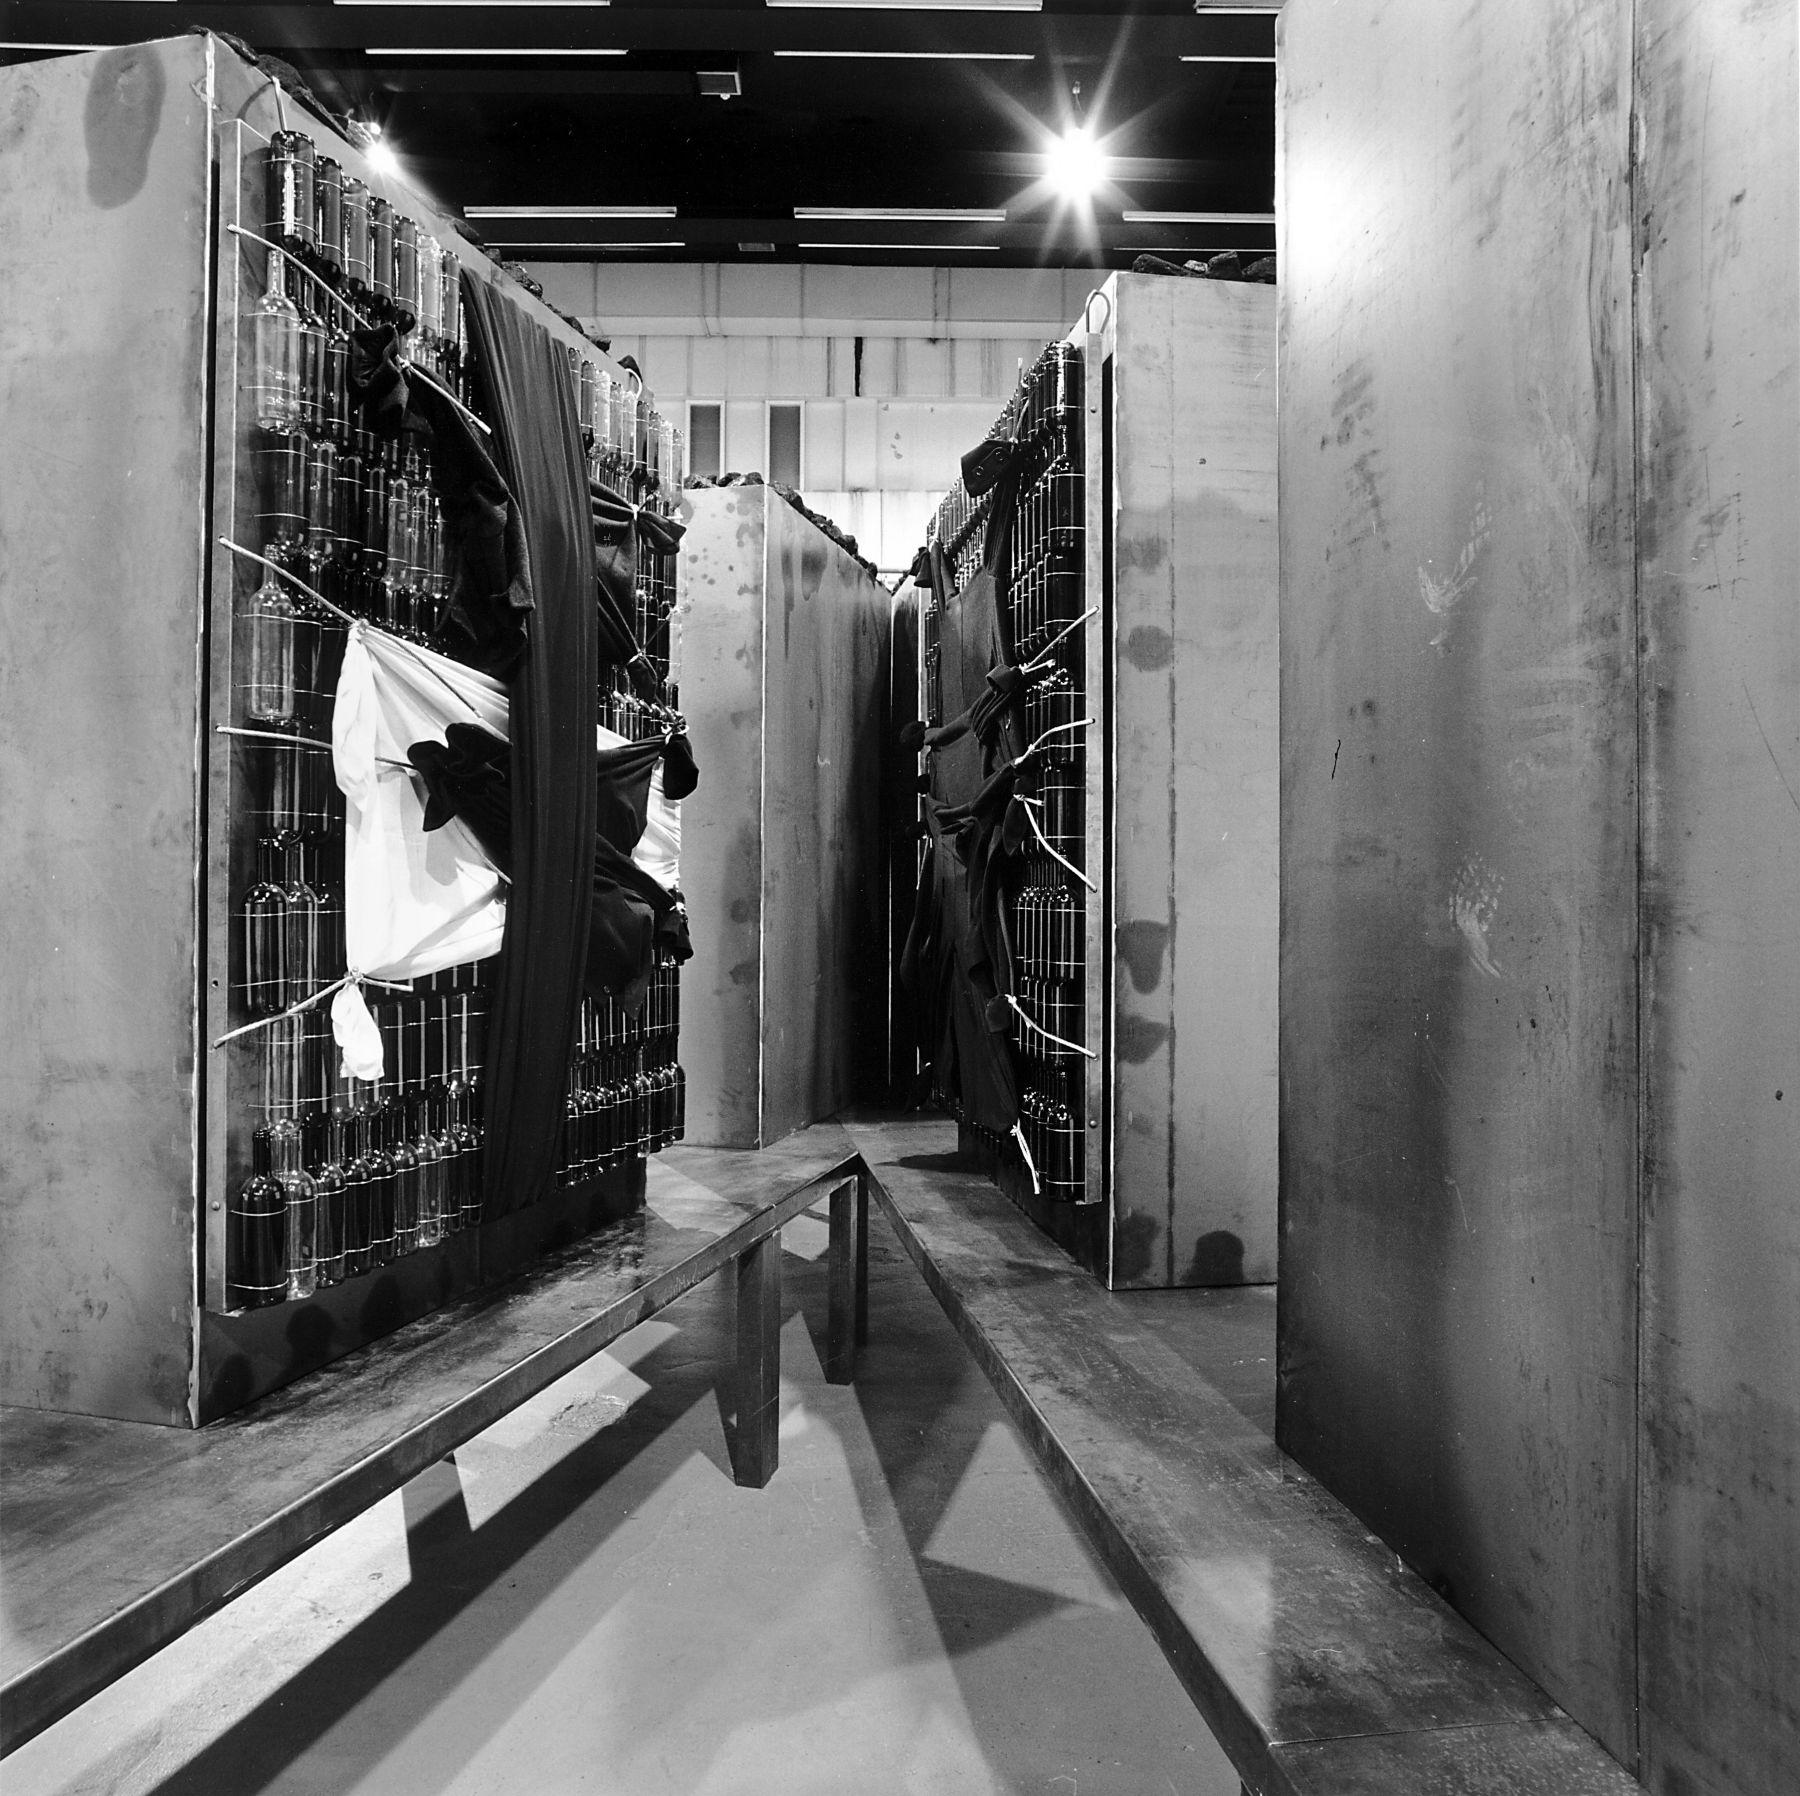 jannis kounellis exhibition view, 2010